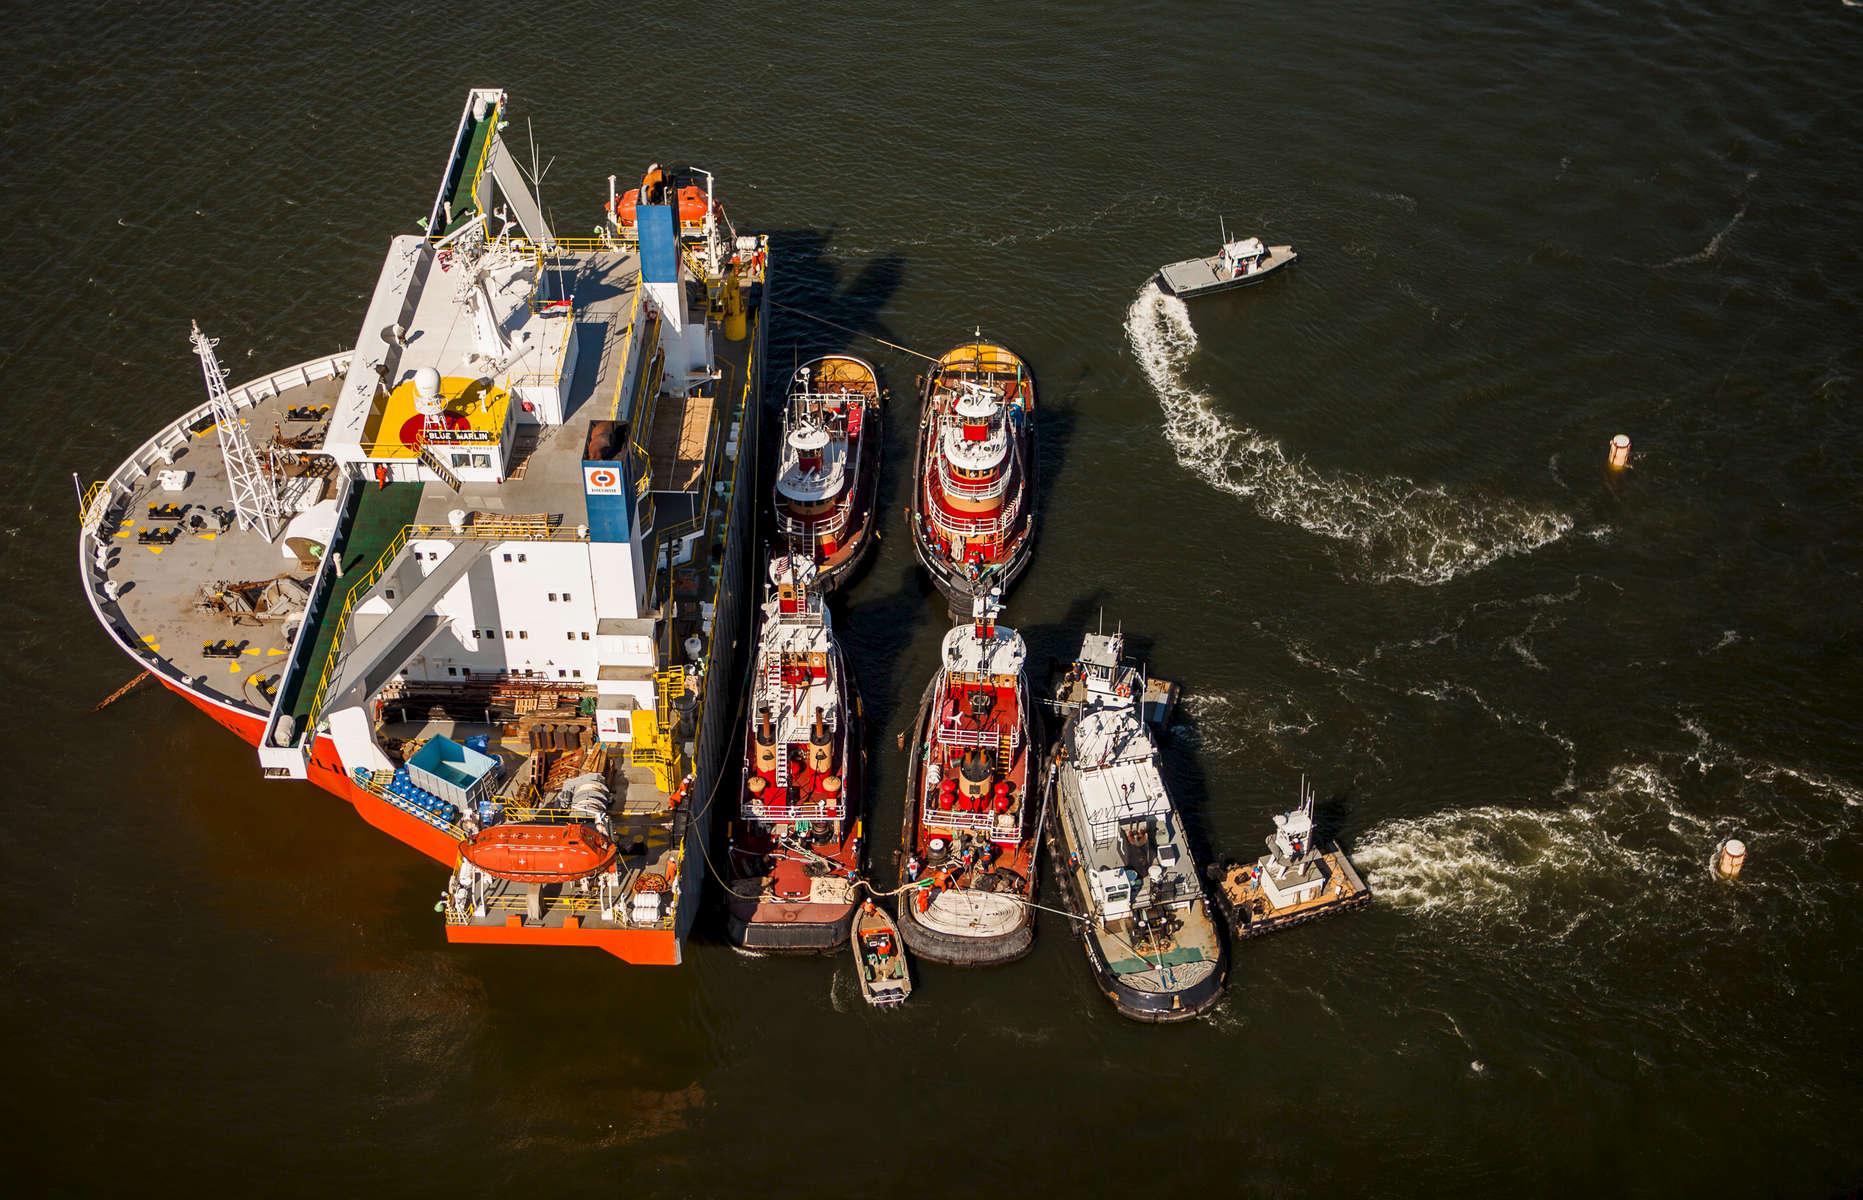 Blue Marlin, Dockwise Heavy Lift Vessel Loads Tugs